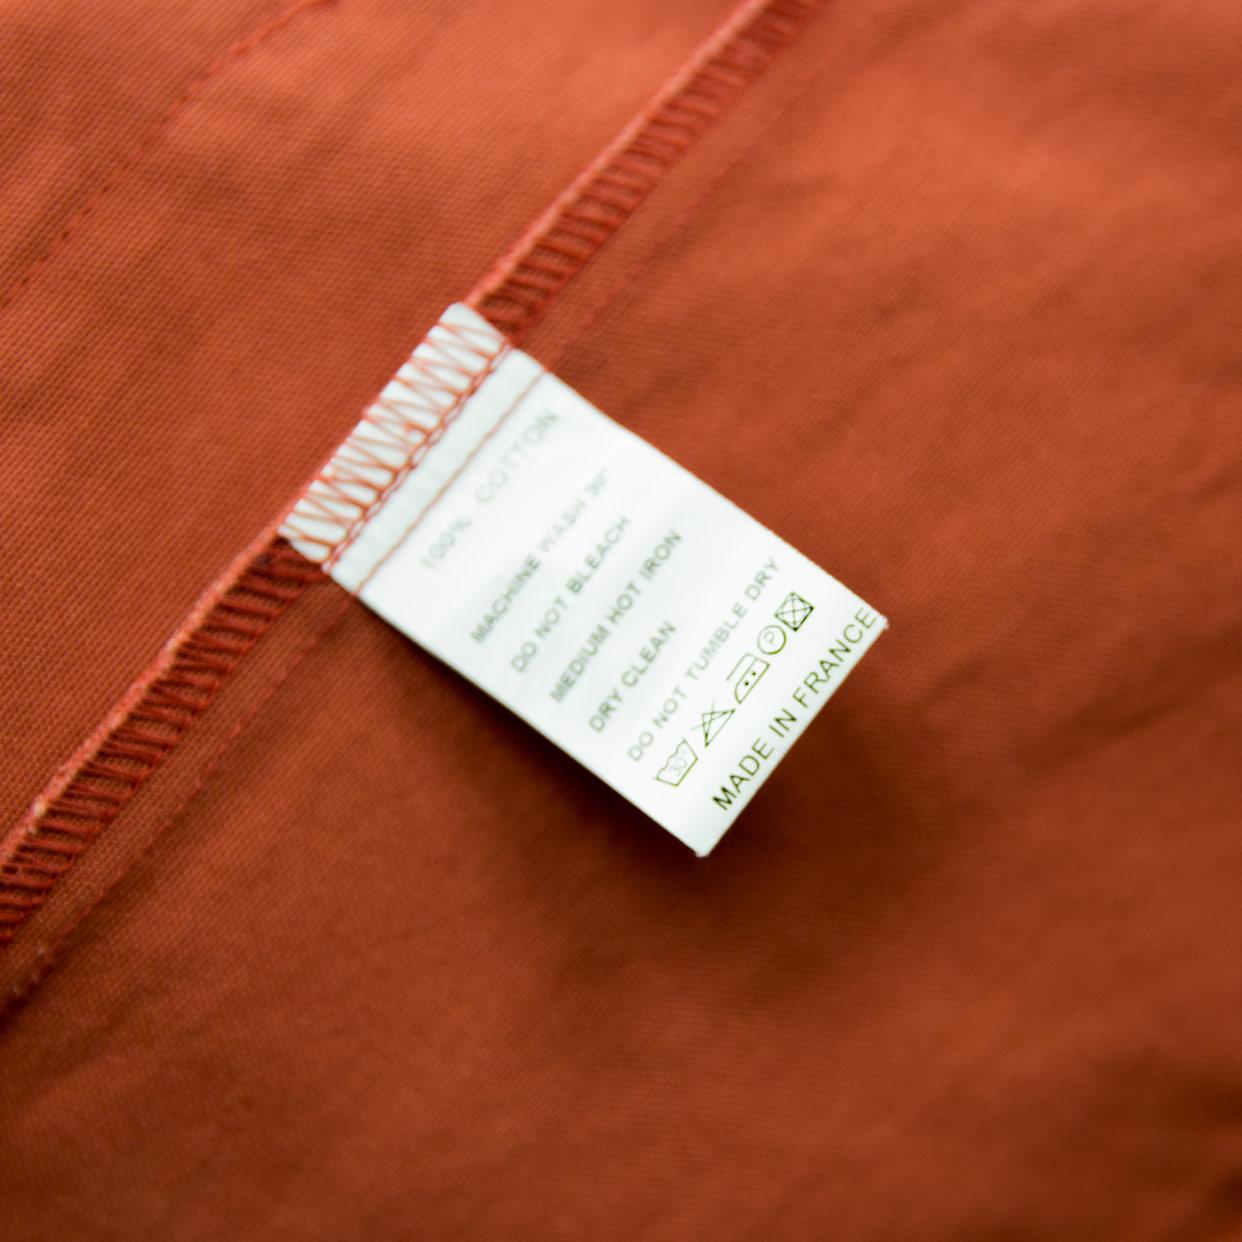 c4a50f5ea5b01 新・洗濯マーク(洗濯表示)は3つだけチェック!正しく洗濯するための ...